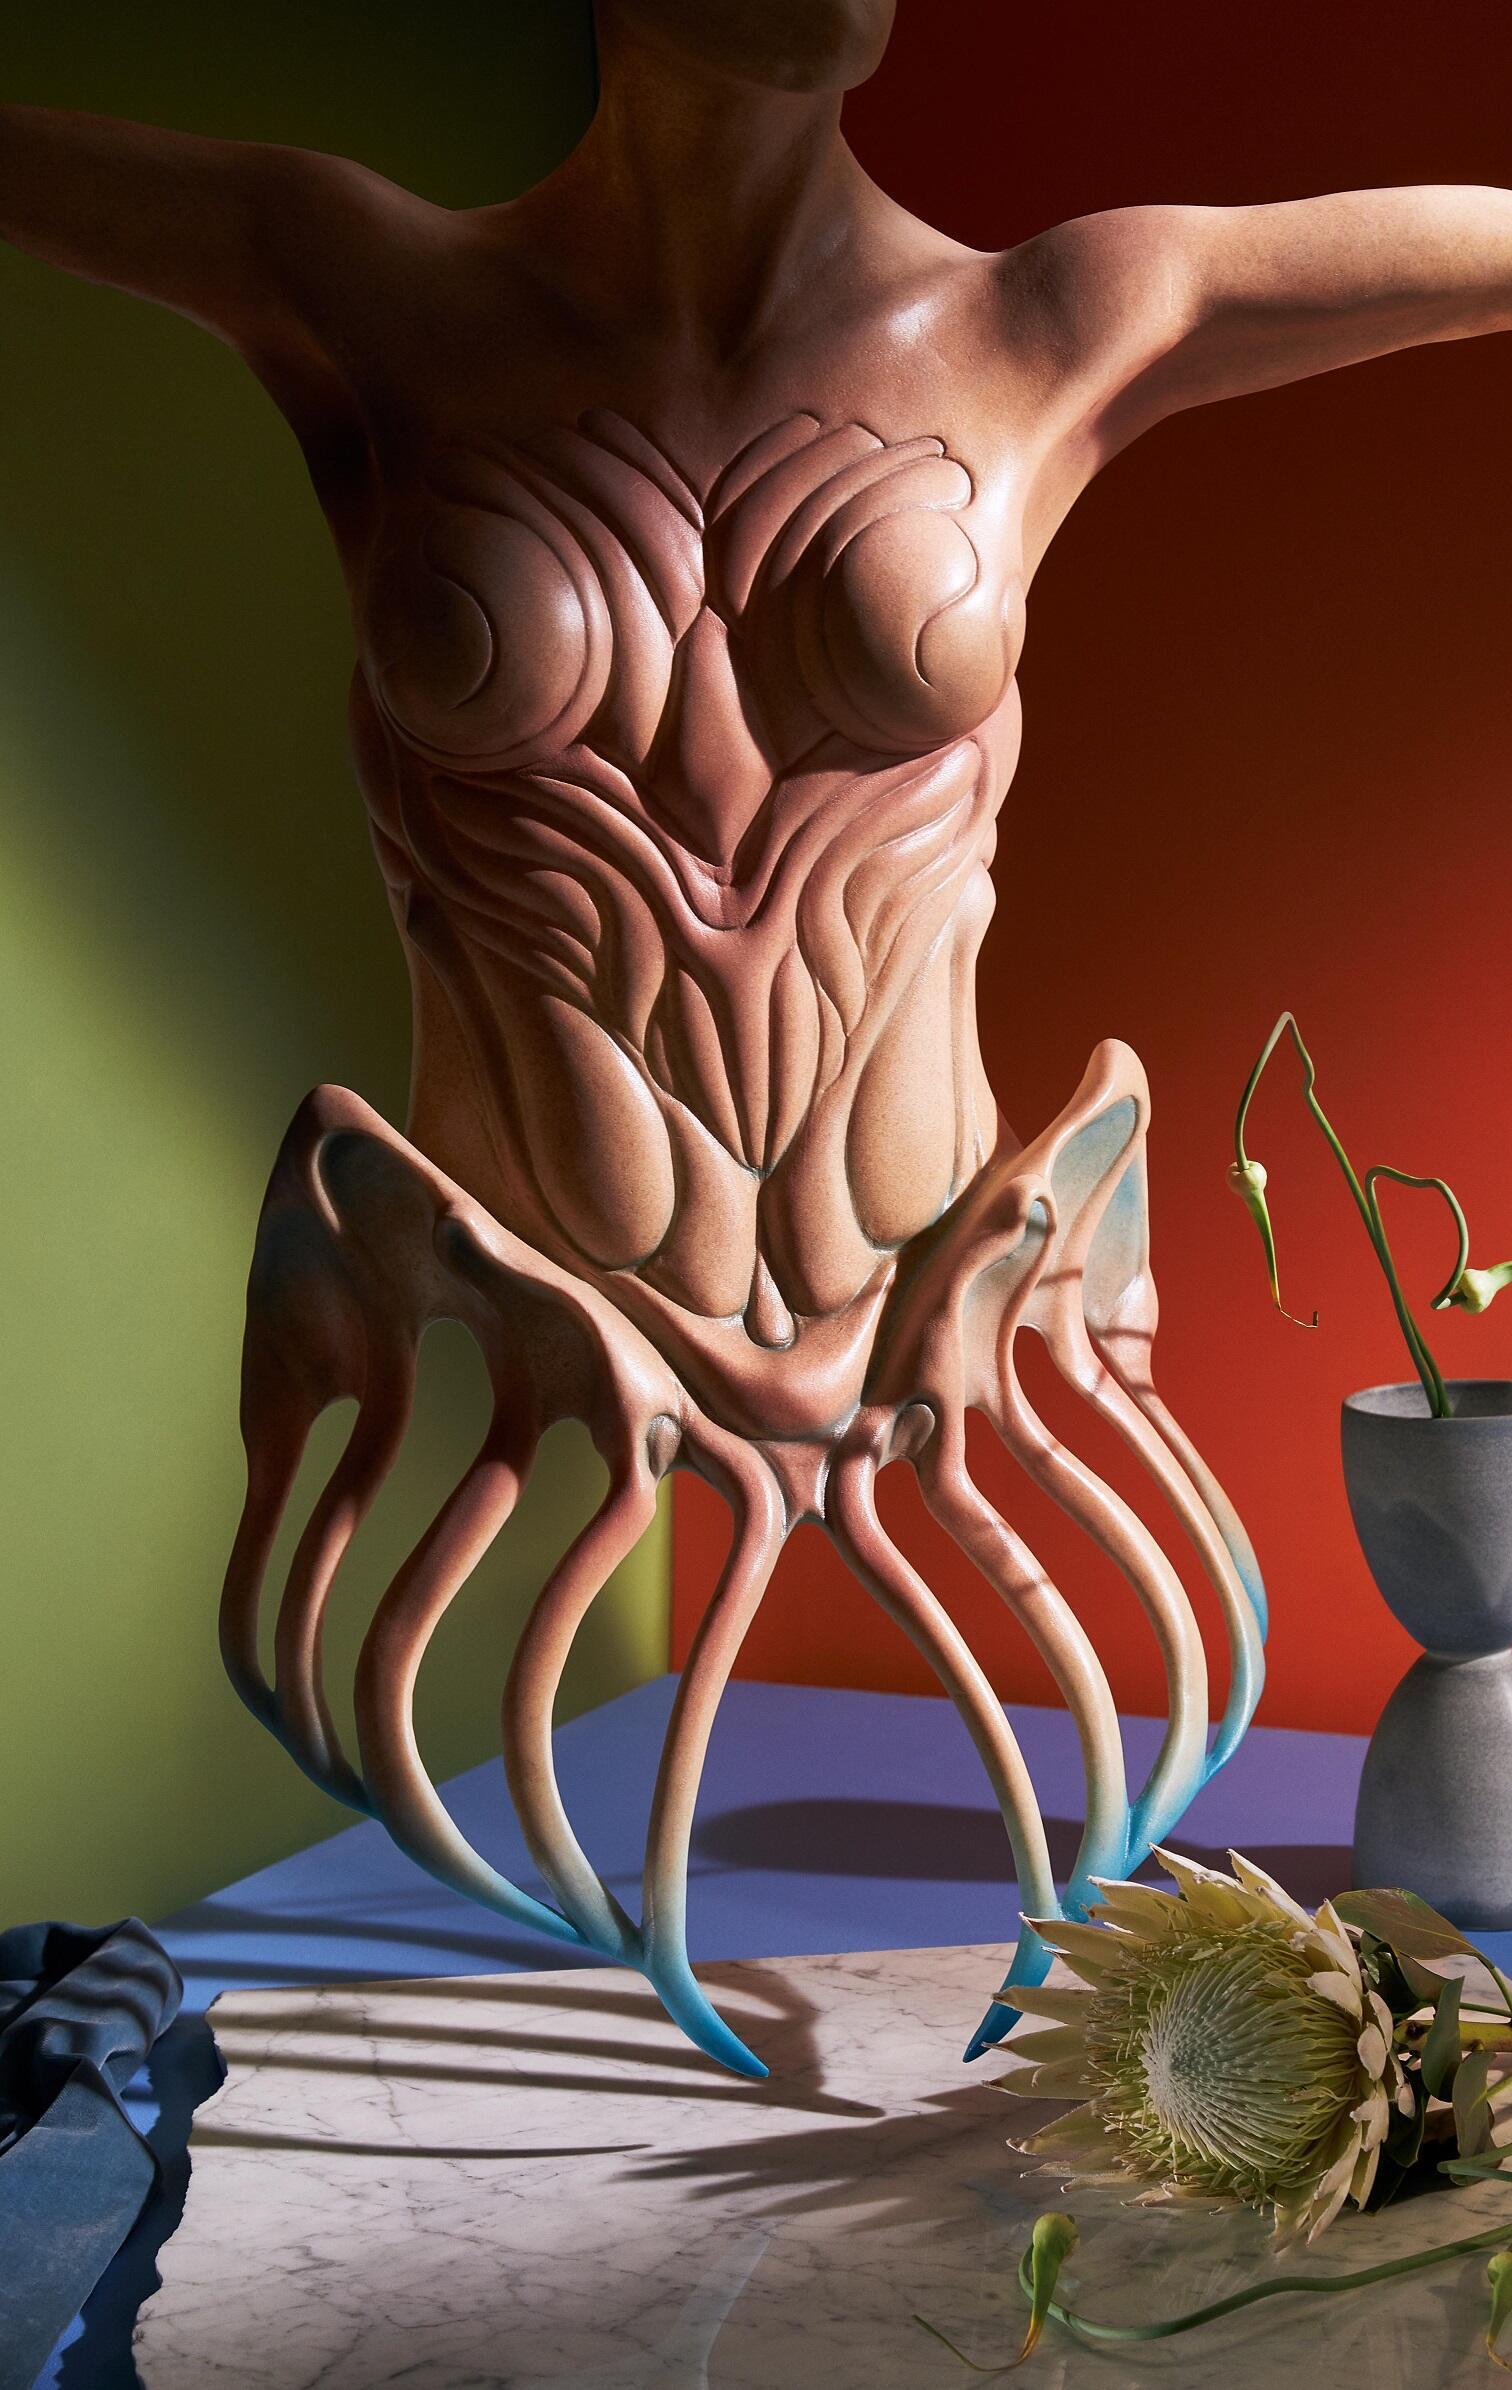 El Corset, creación de los artistas de A. Human.